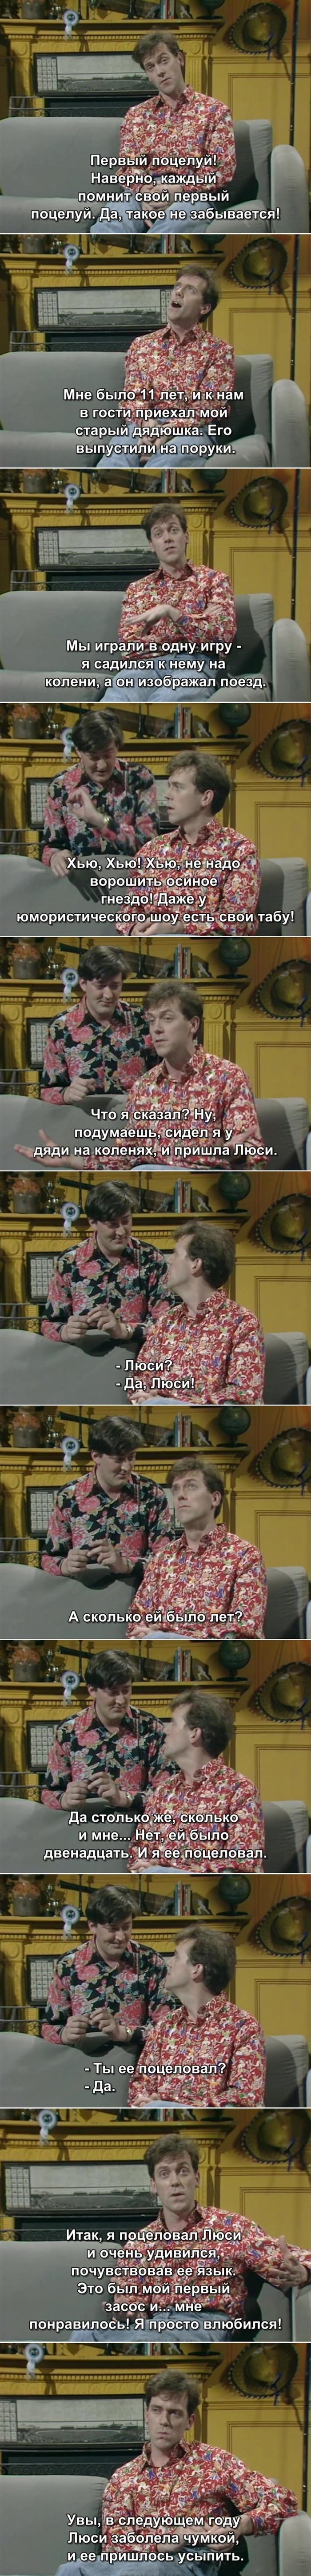 Первый поцелуй Юмор, Скетч, Раскадровка, Фрай и Лори, Хью Лори, Стивен Фрай, Длиннопост